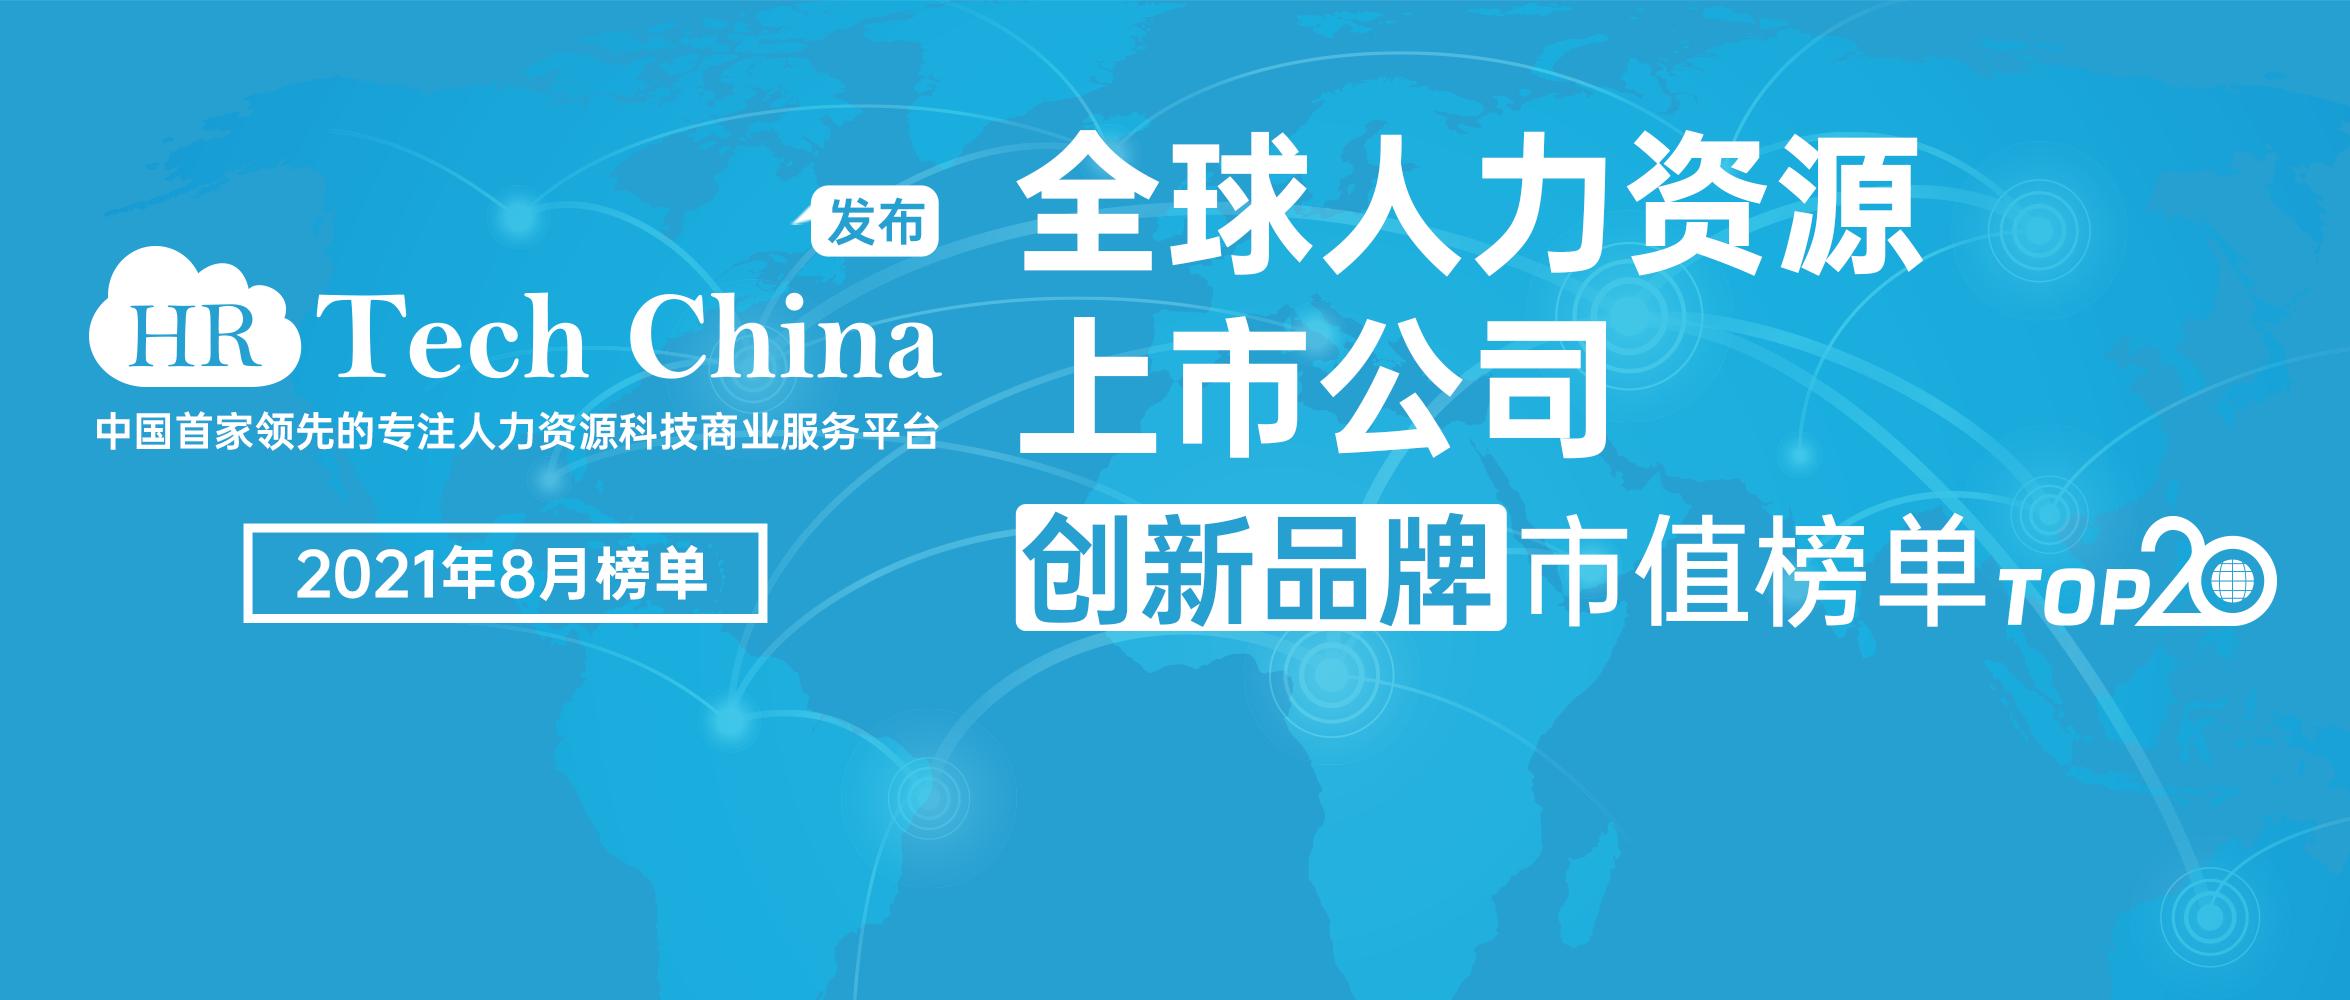 【榜单】日本Recruit集团市值破千亿美元!最新全球人力资源上市公司创新品牌市值TOP20榜单发布,截止8月31日收盘